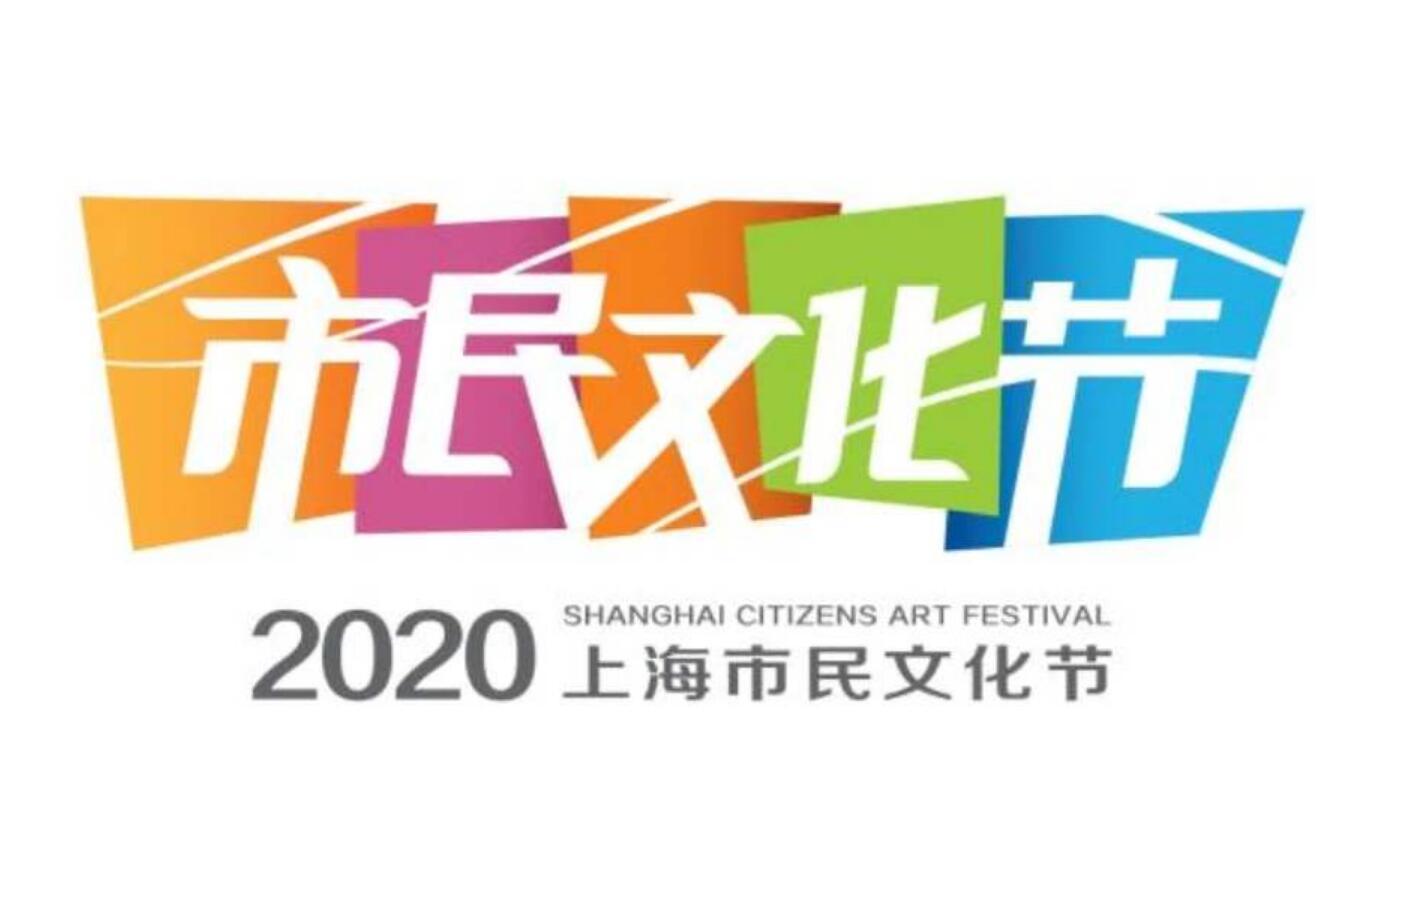 上海市民文化节